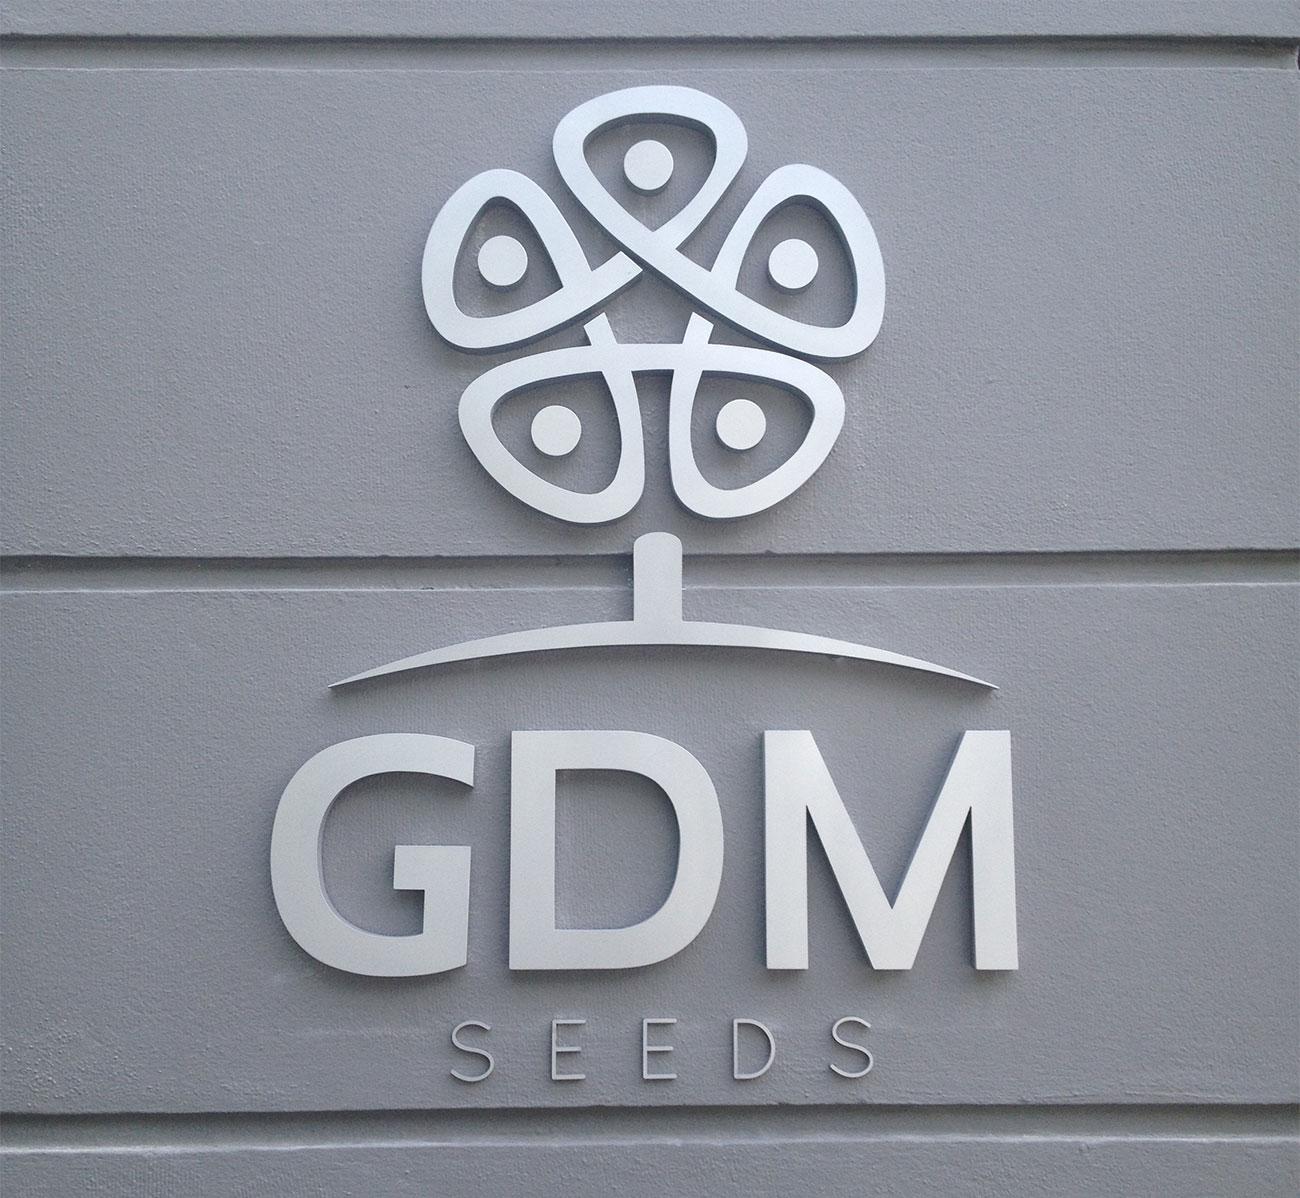 gdm_seeds_2